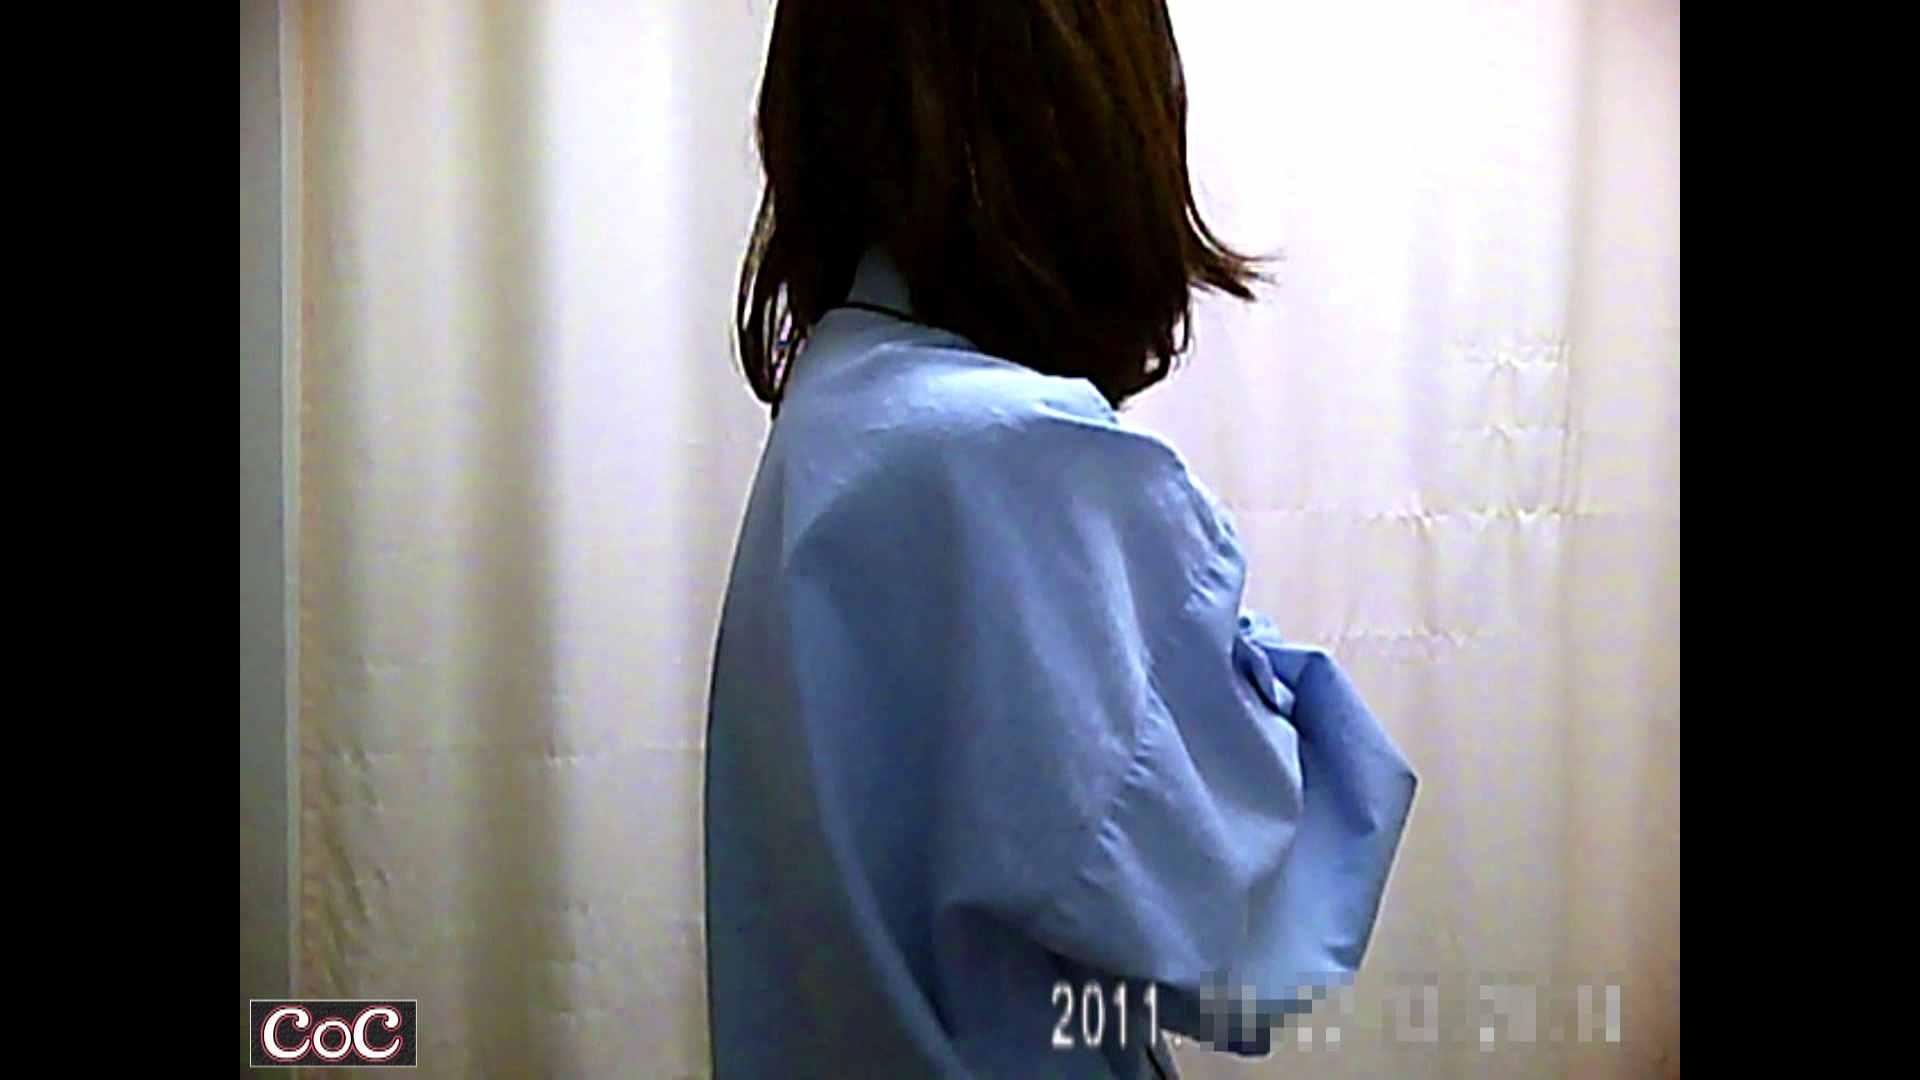 セックスアダルト動画|元医者による反抗 更衣室地獄絵巻 vol.195|怪盗ジョーカー